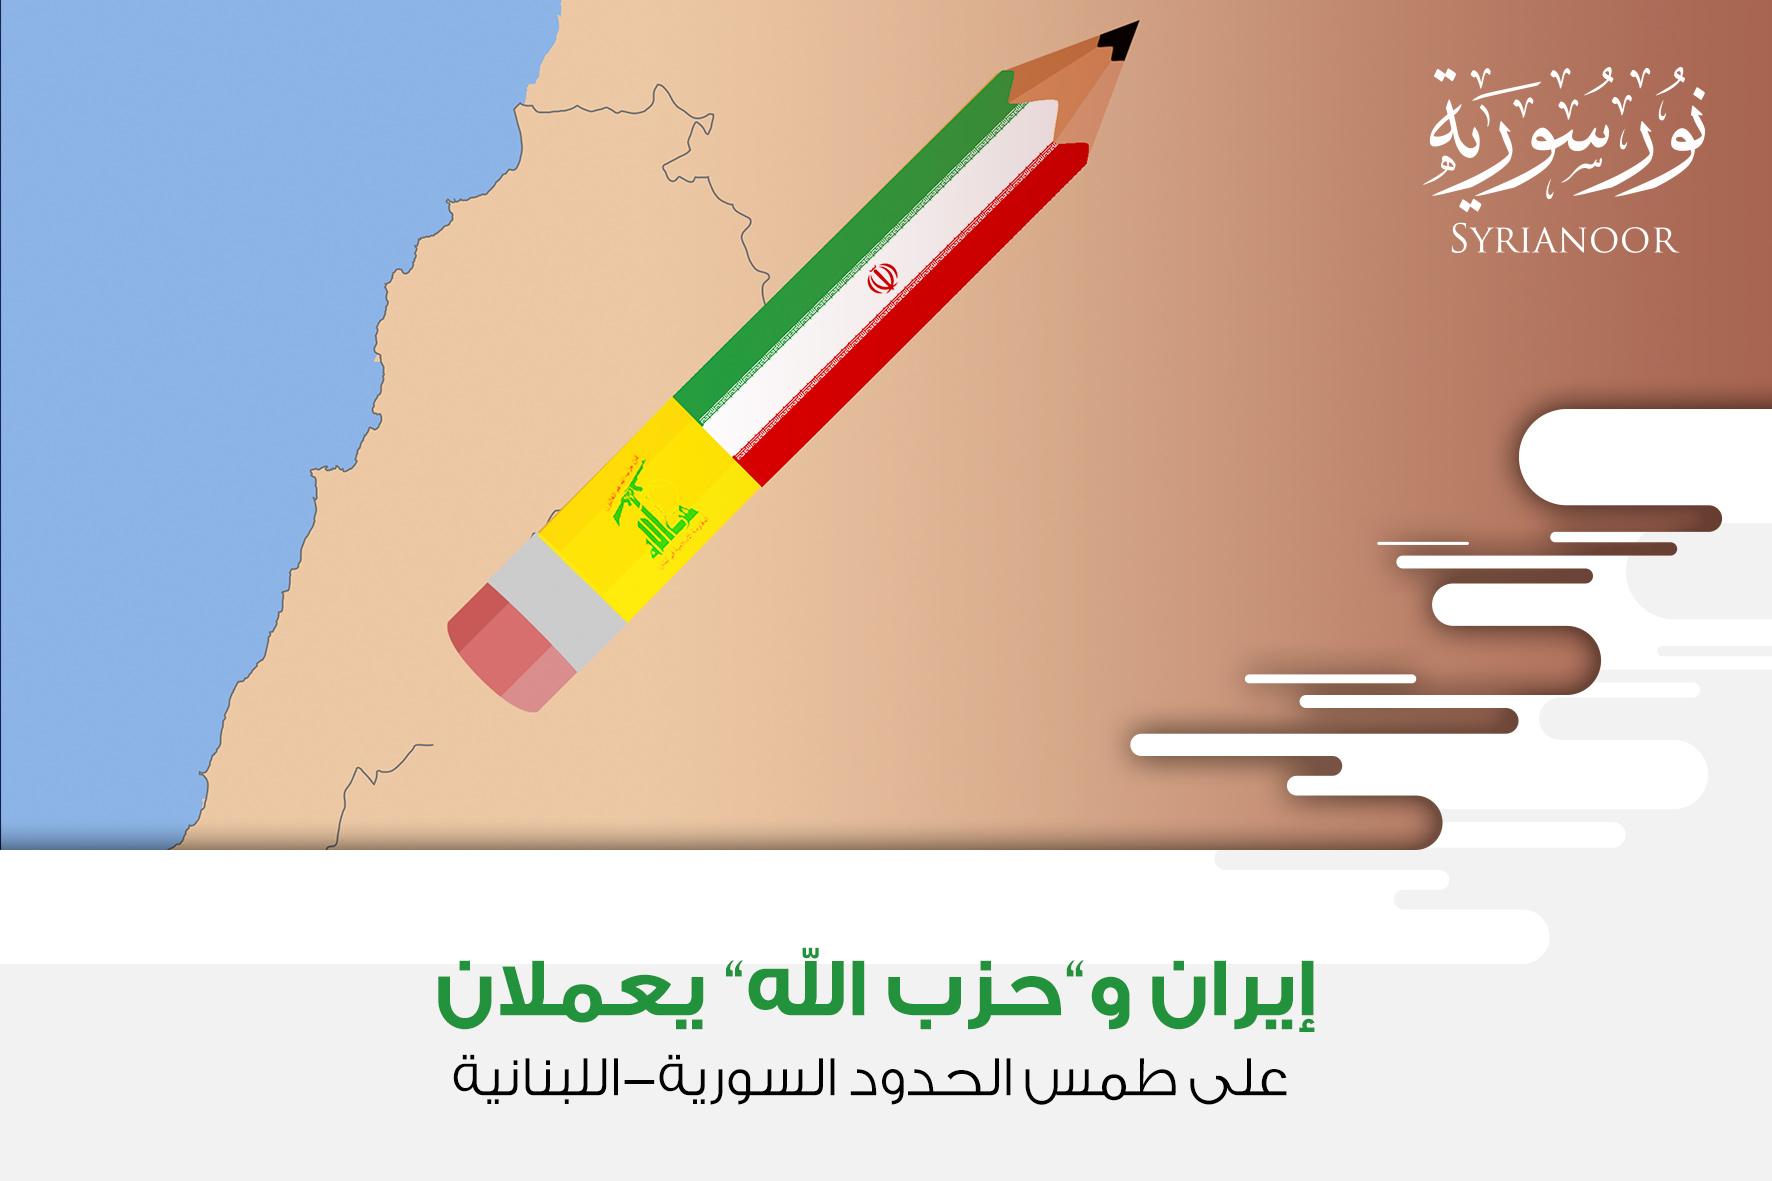 """إيران و""""حزب الله"""" يعملان على طمس الحدود السورية-اللبنانية"""